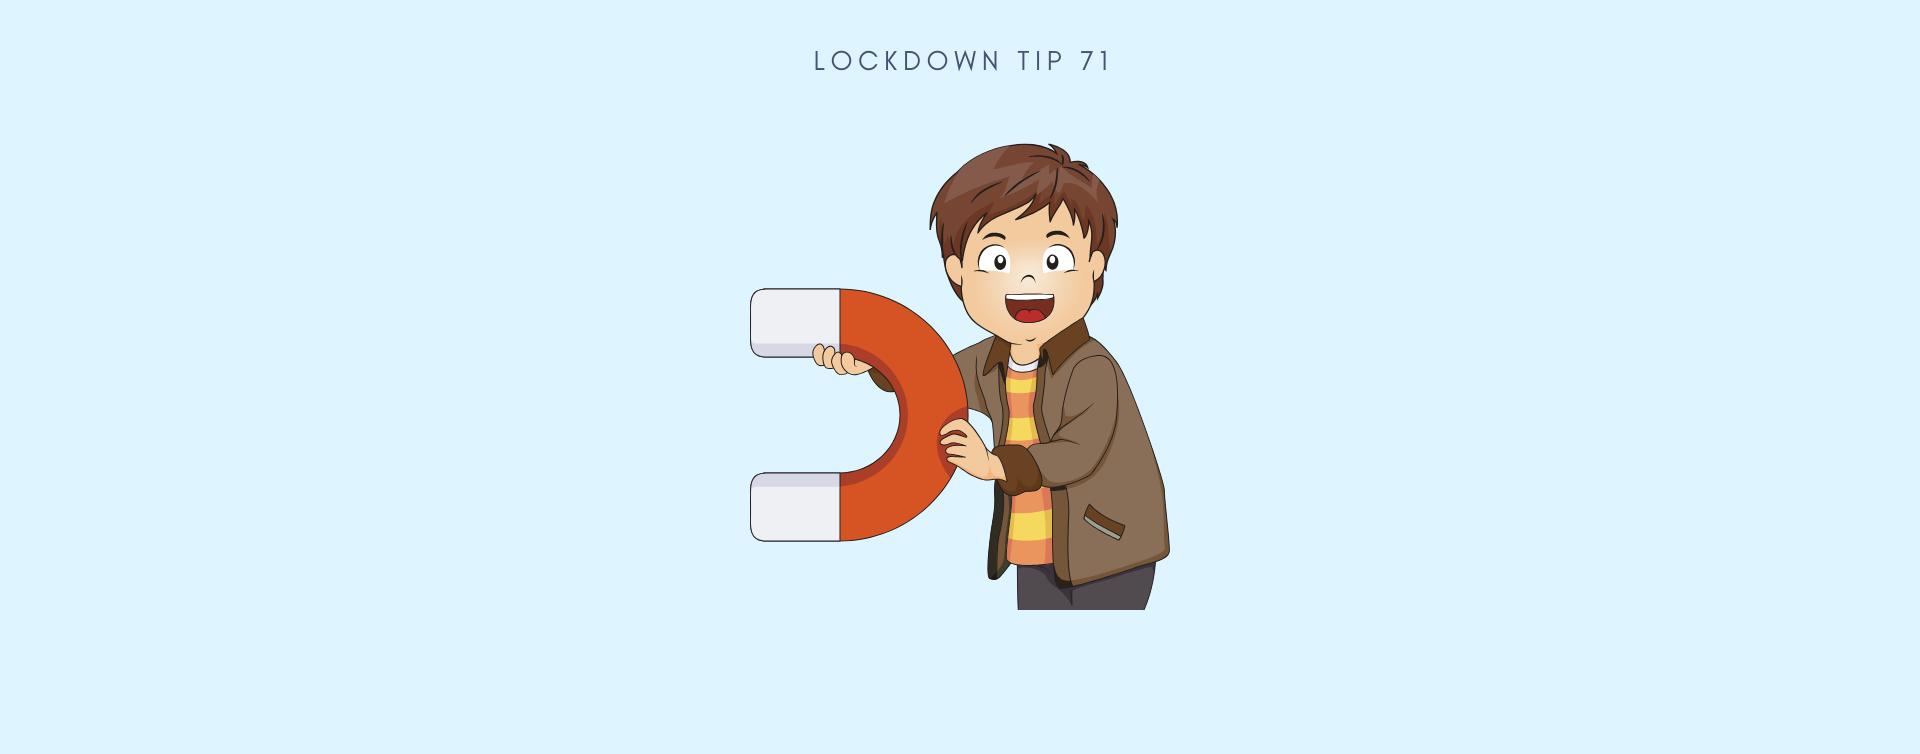 MCSA Lockdown Tip 71